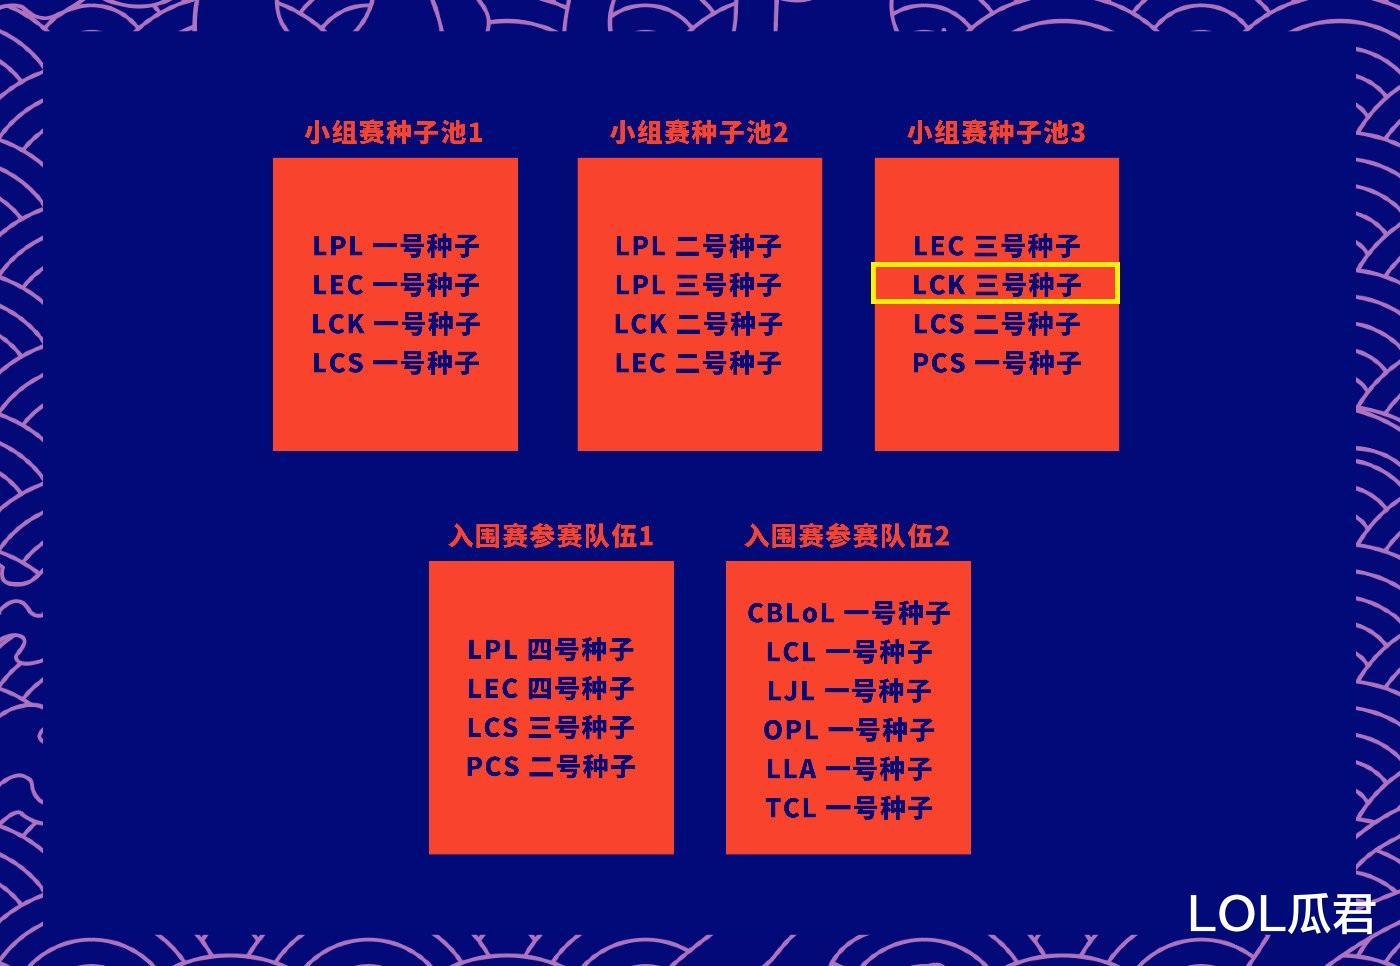 LPL復活賽打不成瞭,越南空缺名額已由LCK頂上,同時入圍賽制改動-圖3